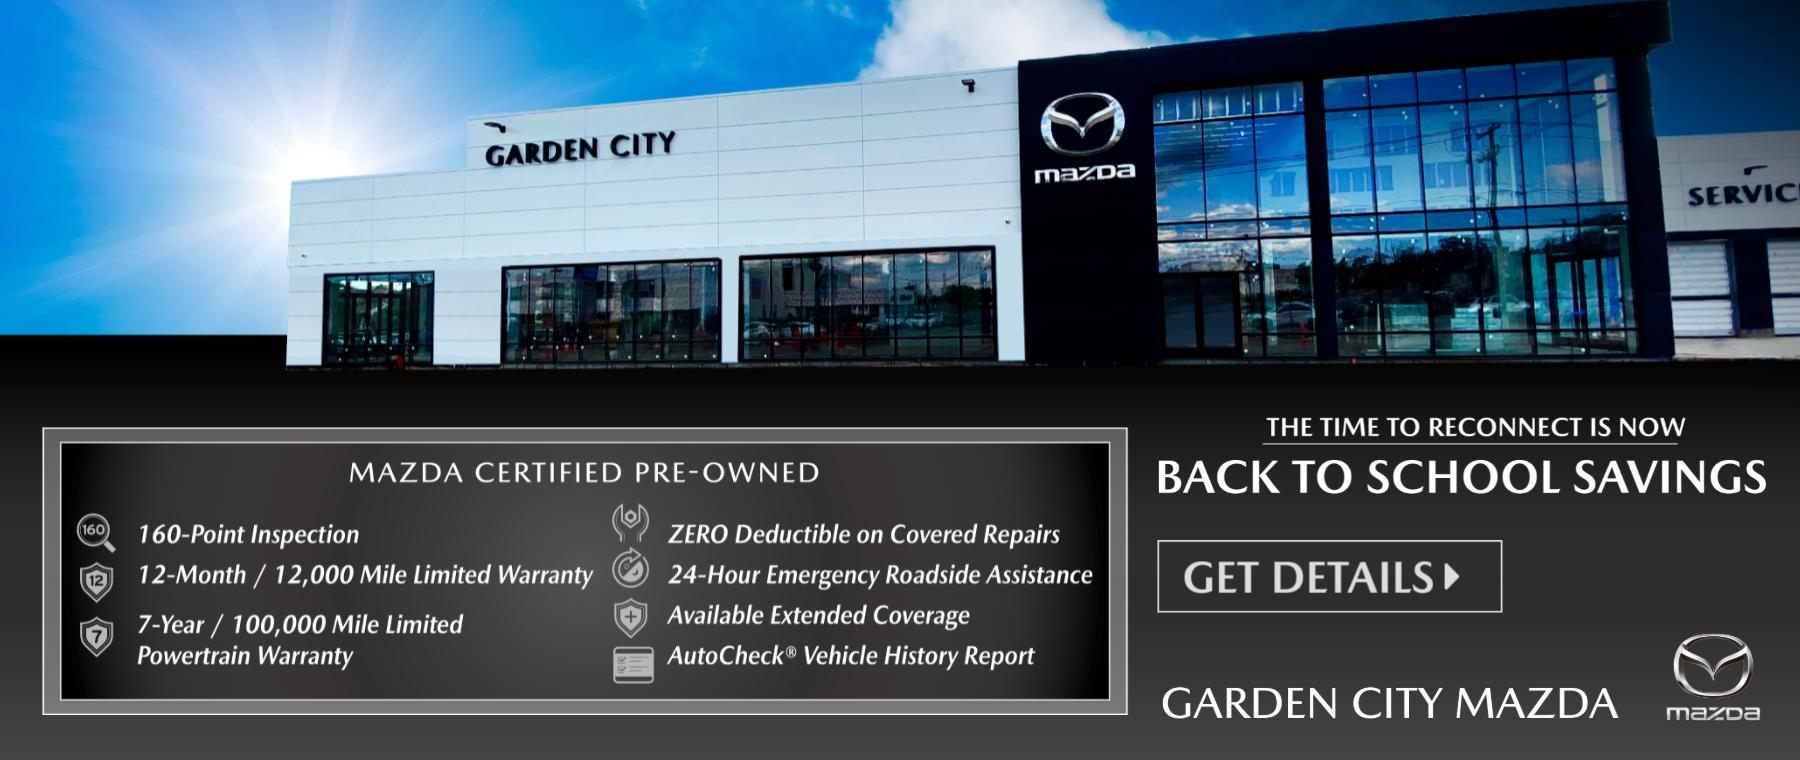 2021.07.28_Garden City Mazda AUG Web_S53417ll-02